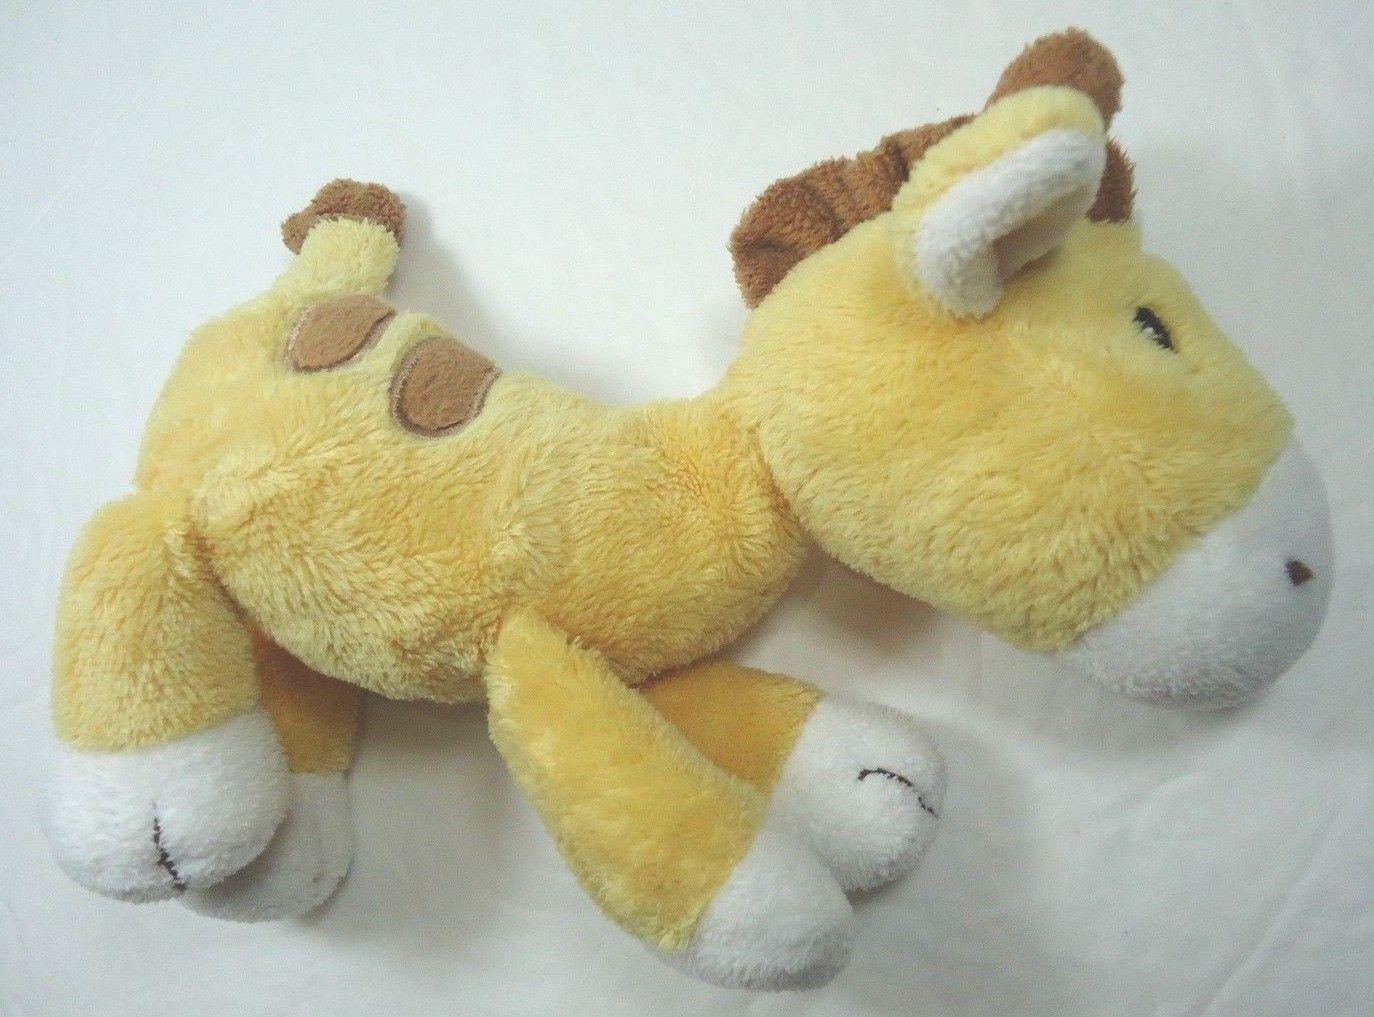 Carters Mini Giraffe Plush Gelb Braun Style 60090 2010 6